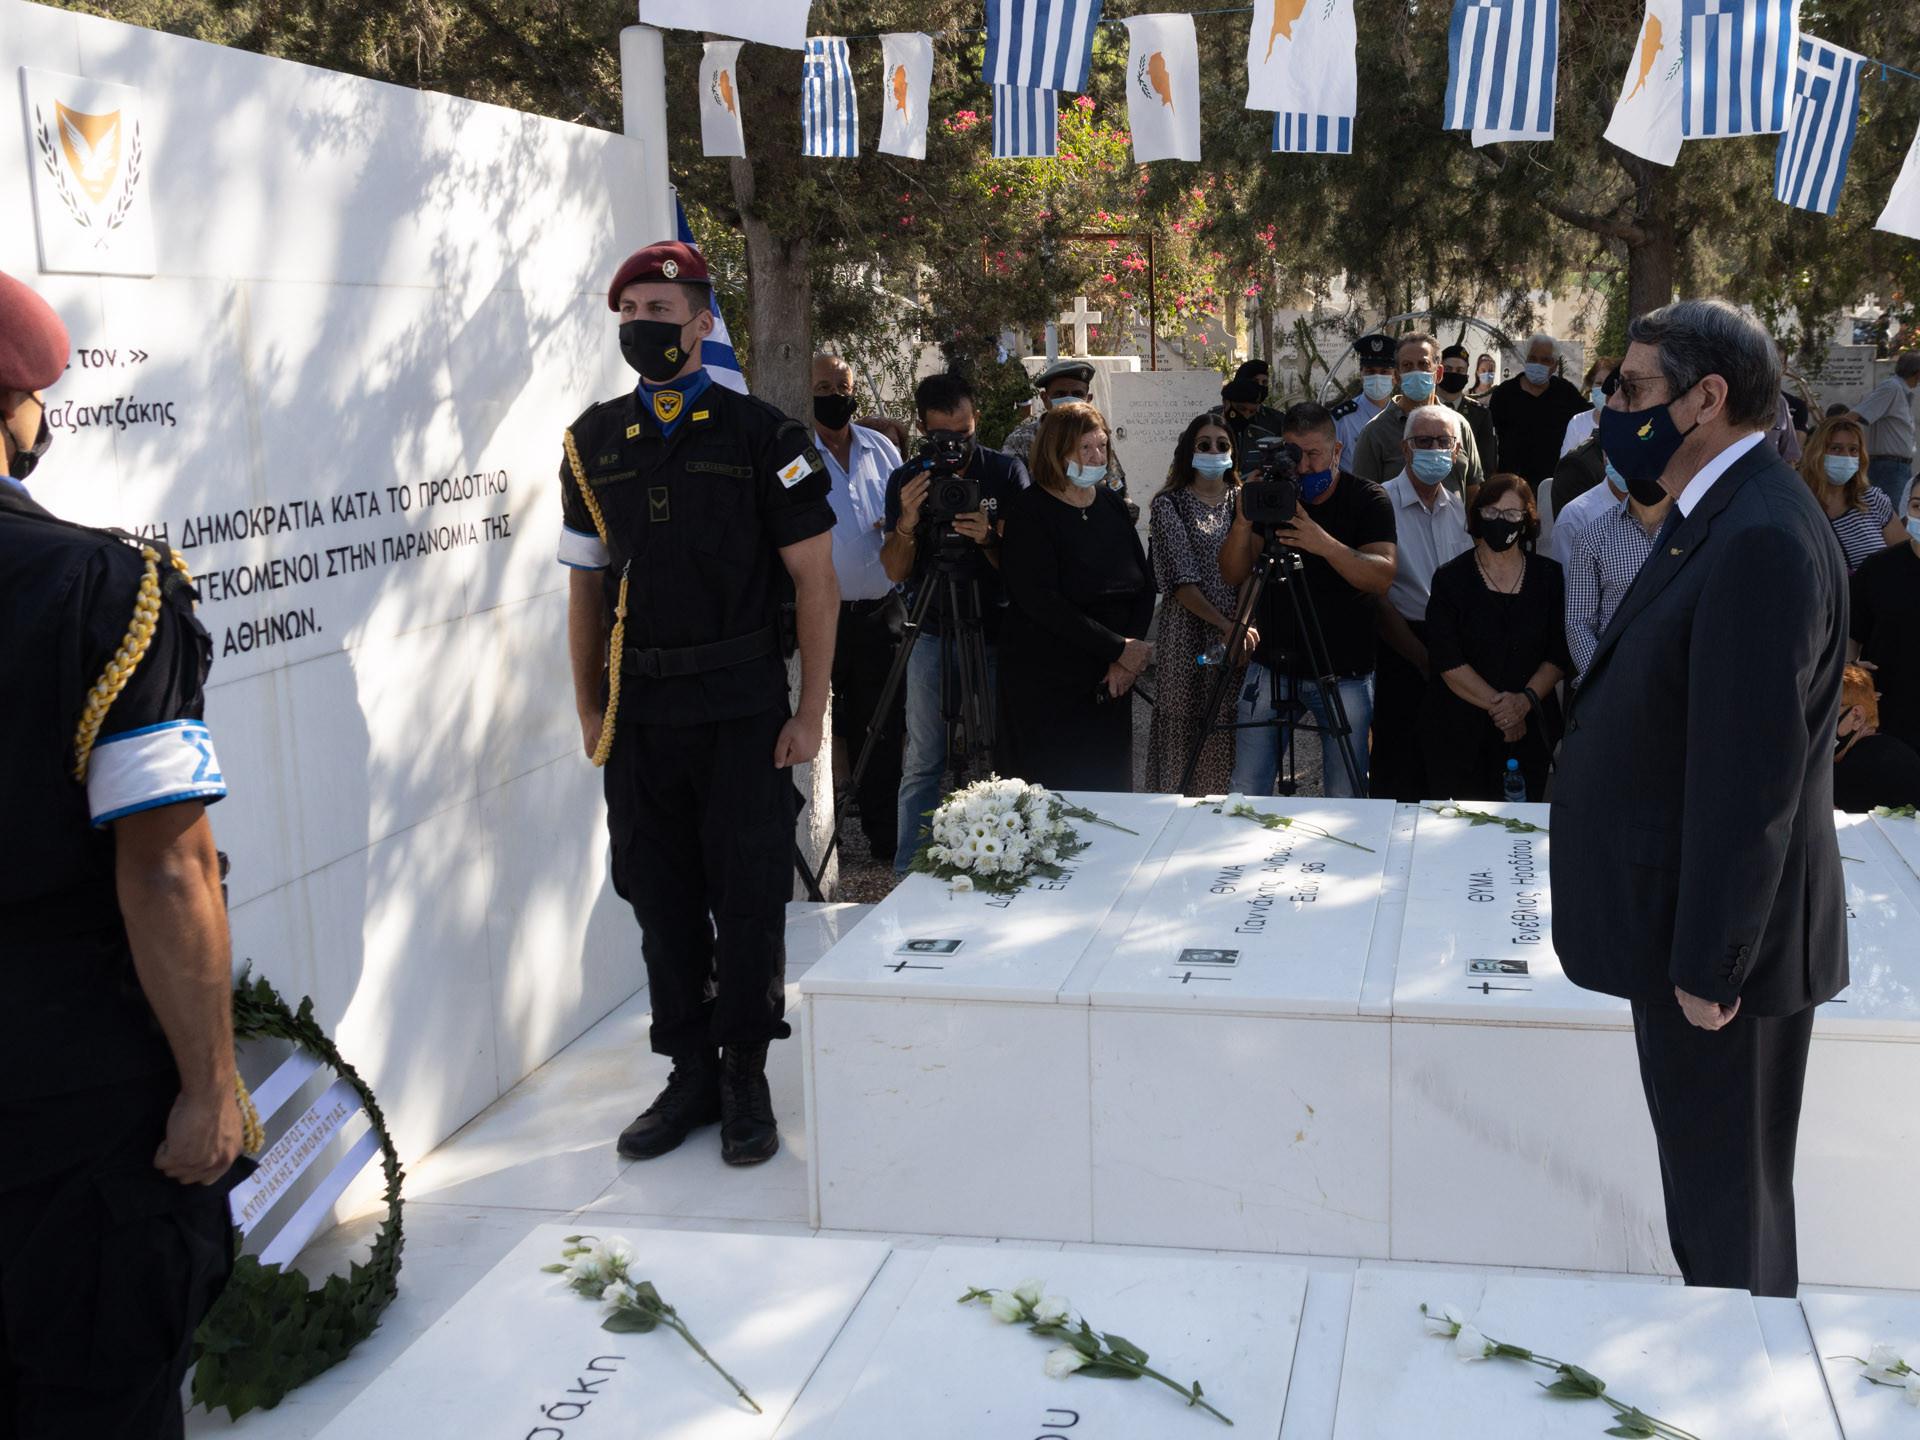 Αναστασιάδης: Επαγρυπνούμε και θα αντιδράσουμε για την Αμμόχωστο